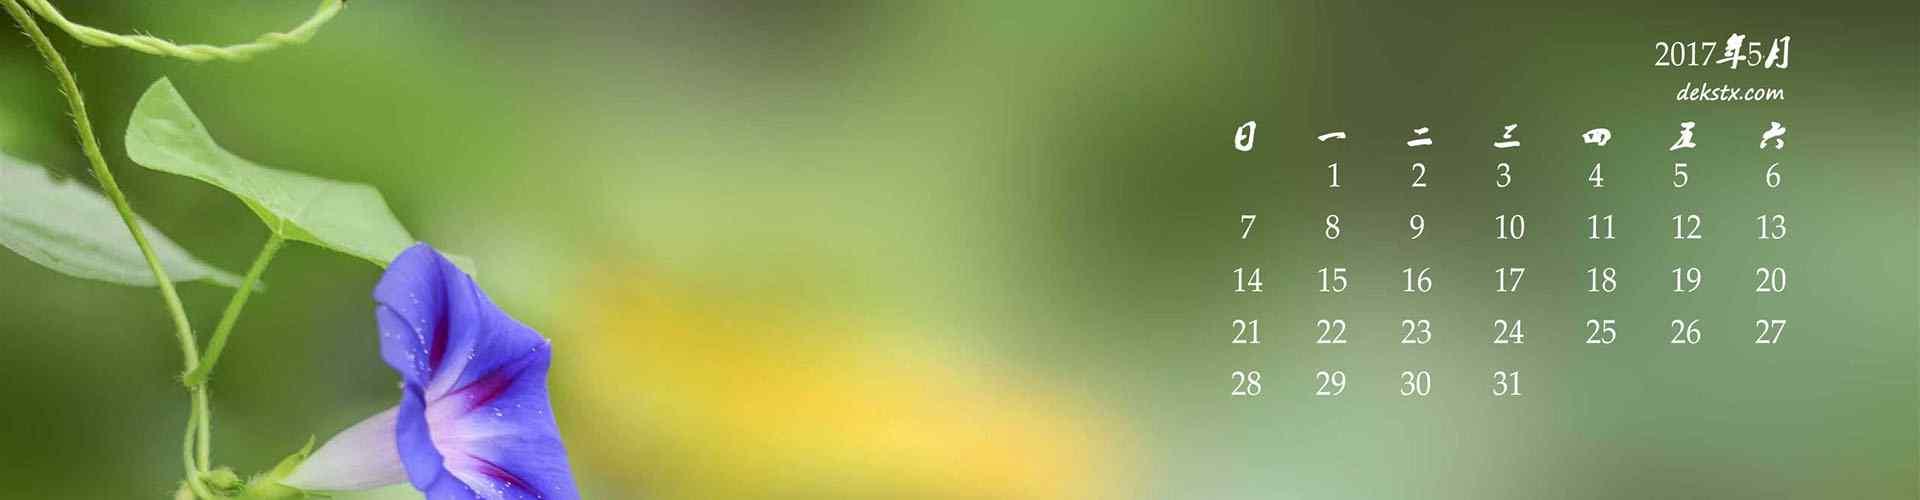 2017年5月日历壁纸_5月日历壁纸_绿色护眼日历壁纸_美女日历壁纸_日历壁纸图片